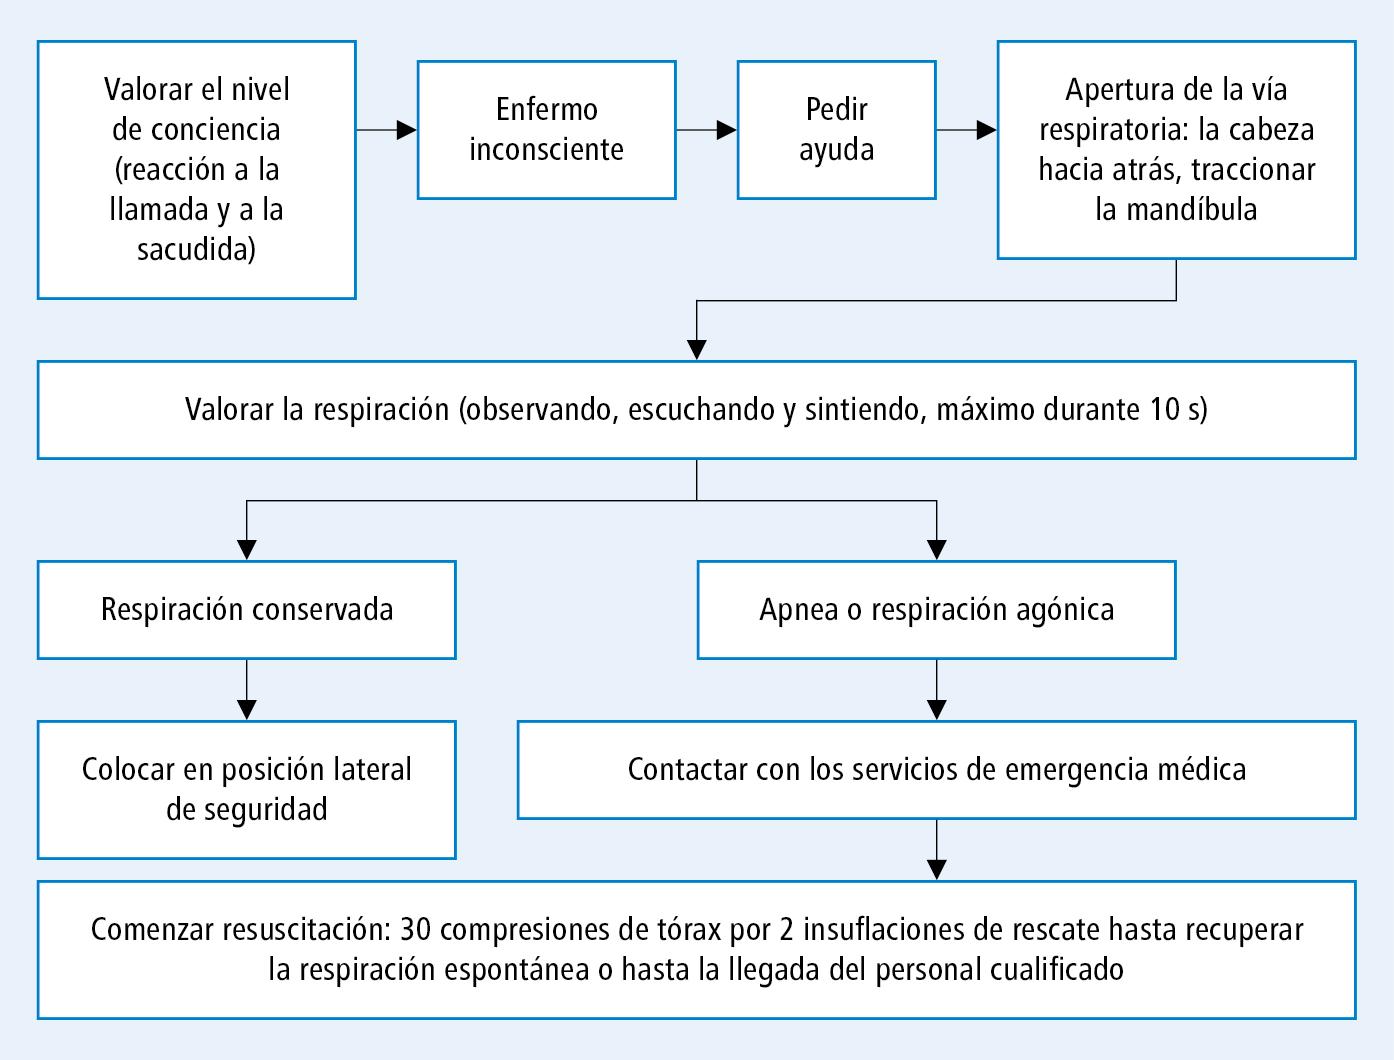 Normas generales para prestar primeros auxilios en casos